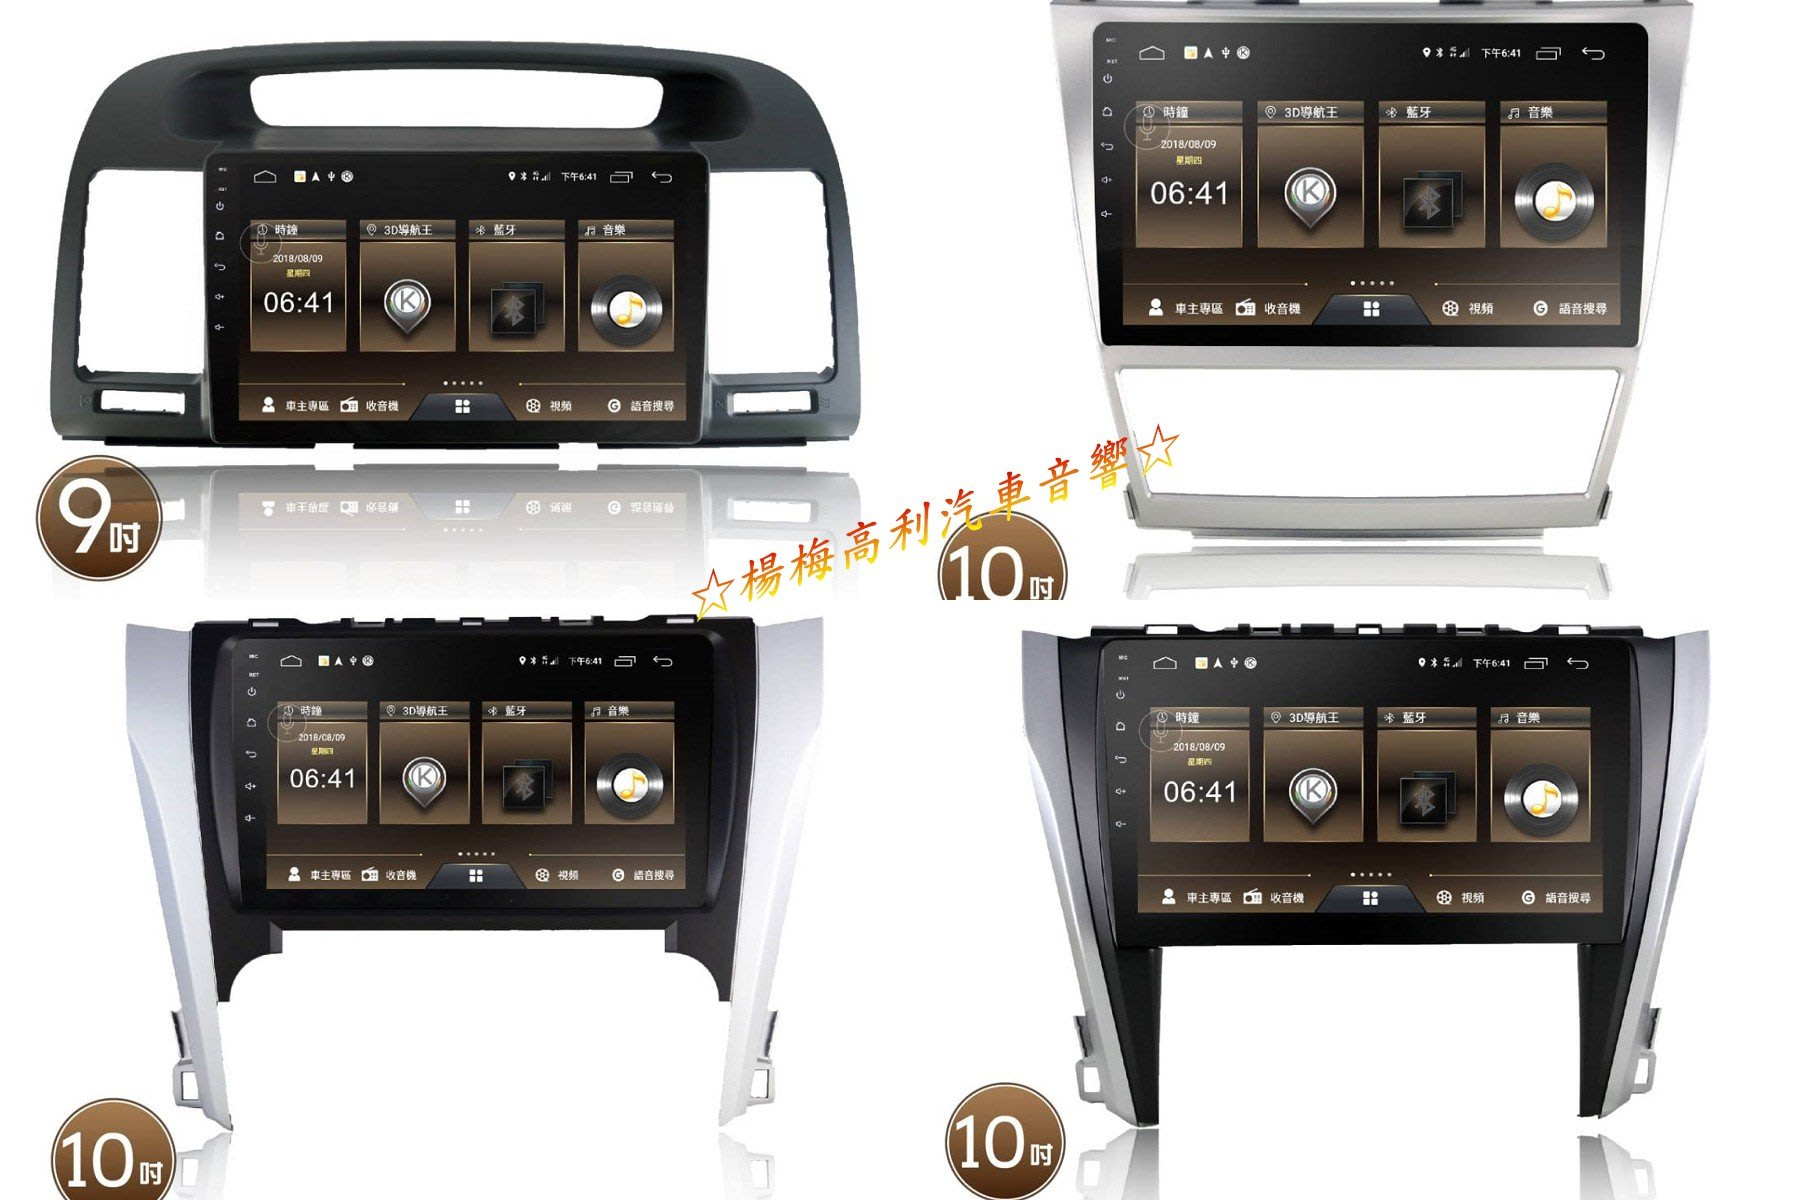 ☆楊梅高利汽車音響☆ JHY MS6 PRO-CAMRY專用多媒體安卓機(內建4G網路、藍芽、導航、WIFI手機互連)